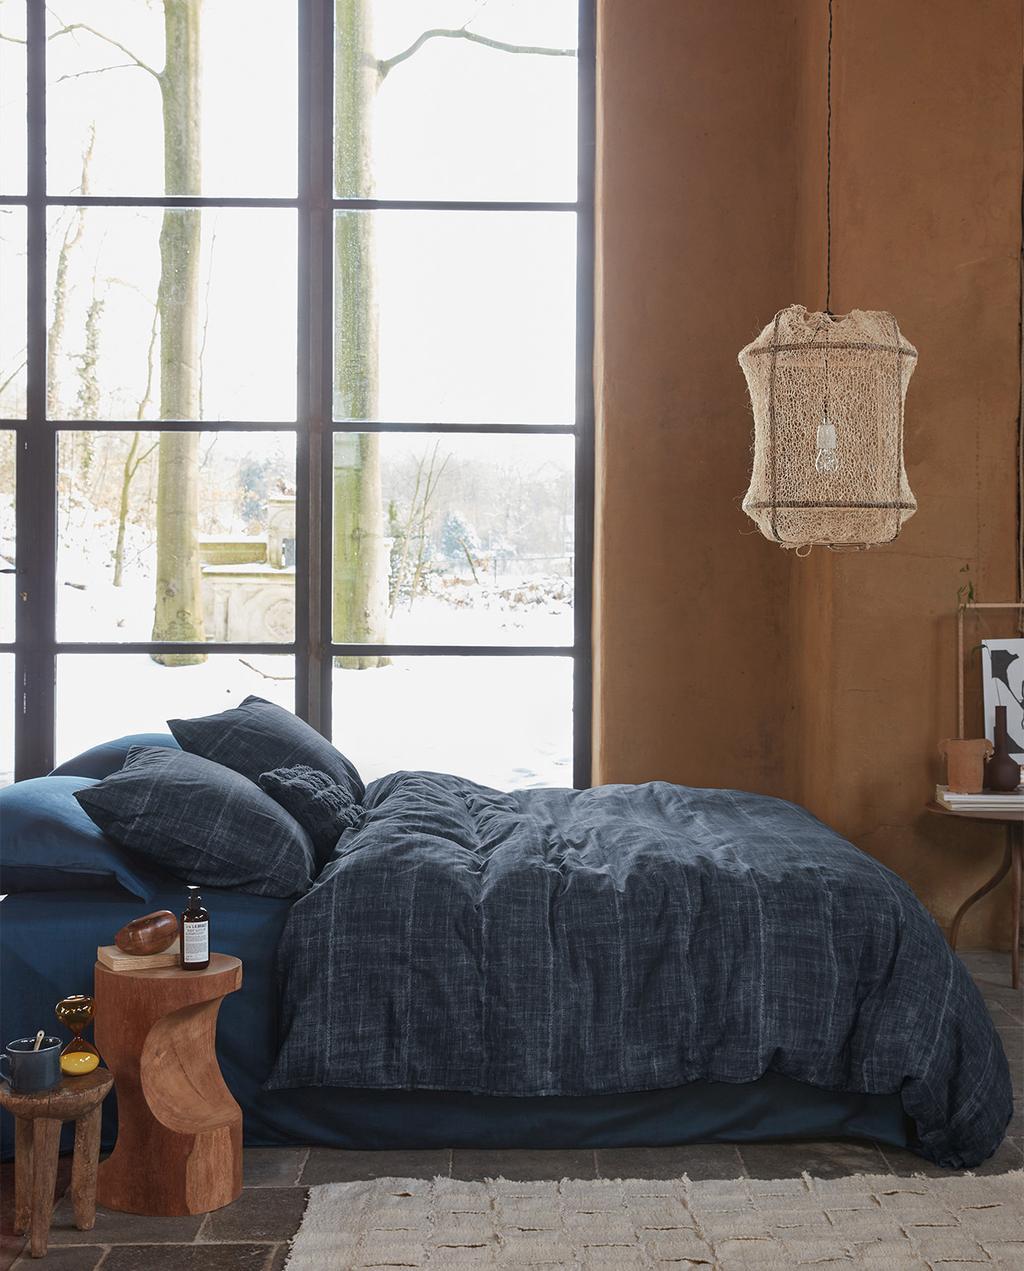 vtwonen 09-2021 | grote ramen in slaapkamer met dekbedovertrek